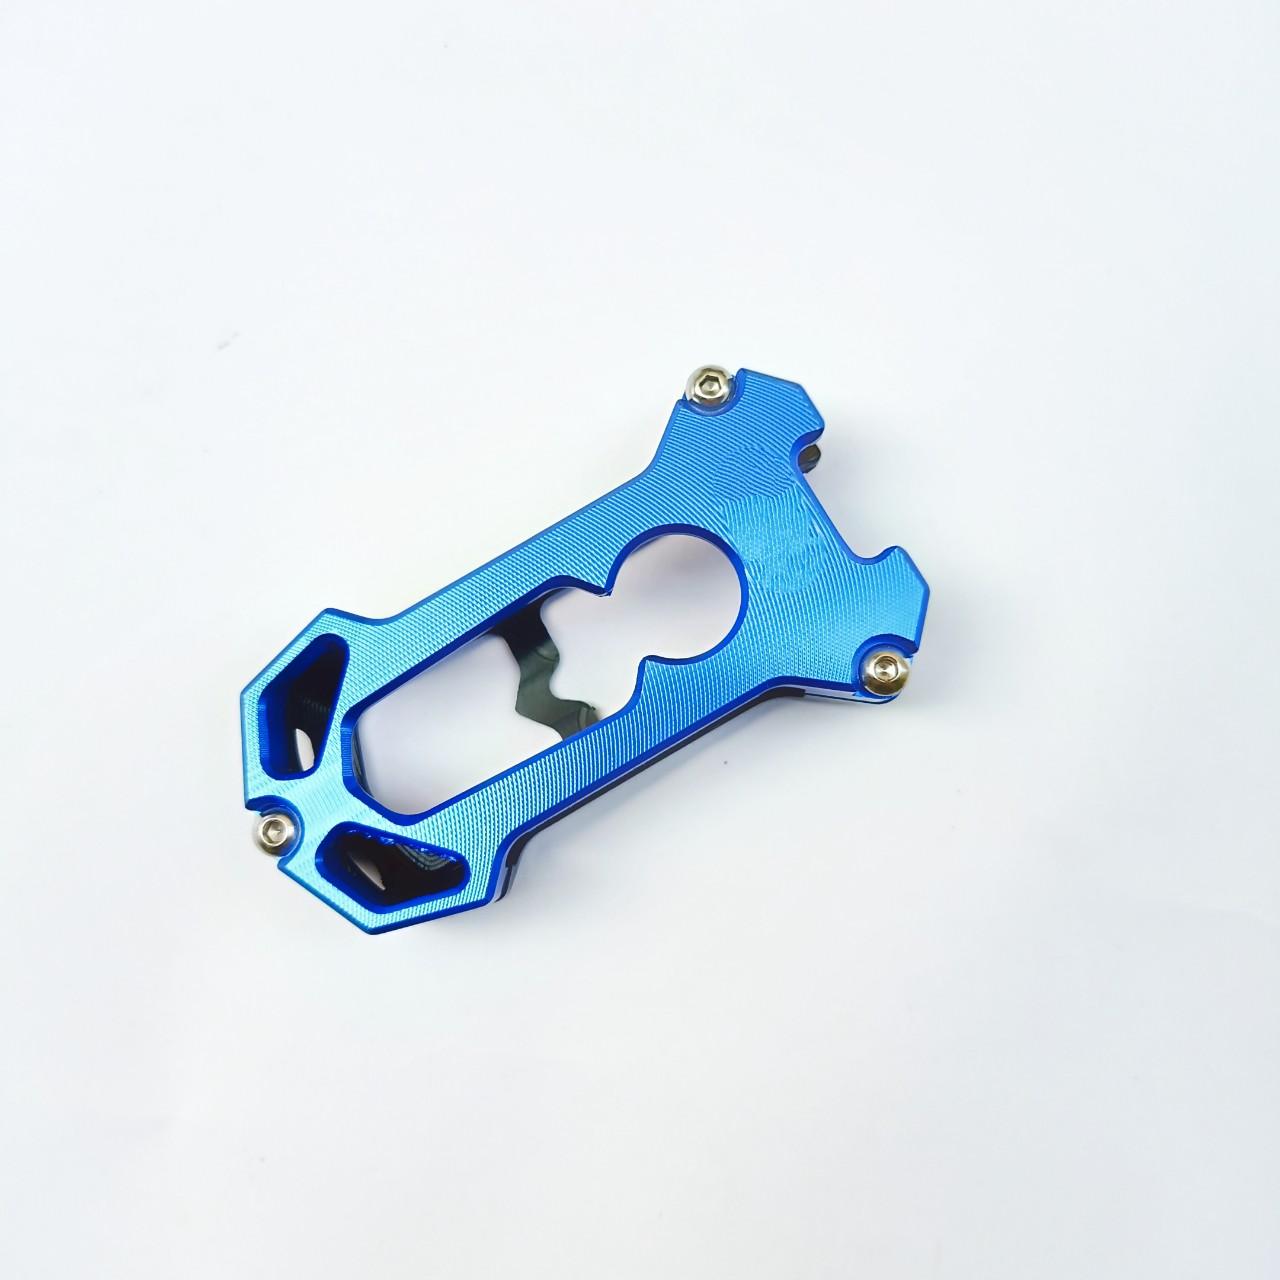 Bọc chìa khóa thông minh smartkey dành cho xe honda SH,PCX,SH MODE bọc CNC loại 3 nút (nhiều màu) giá 1 chiếc